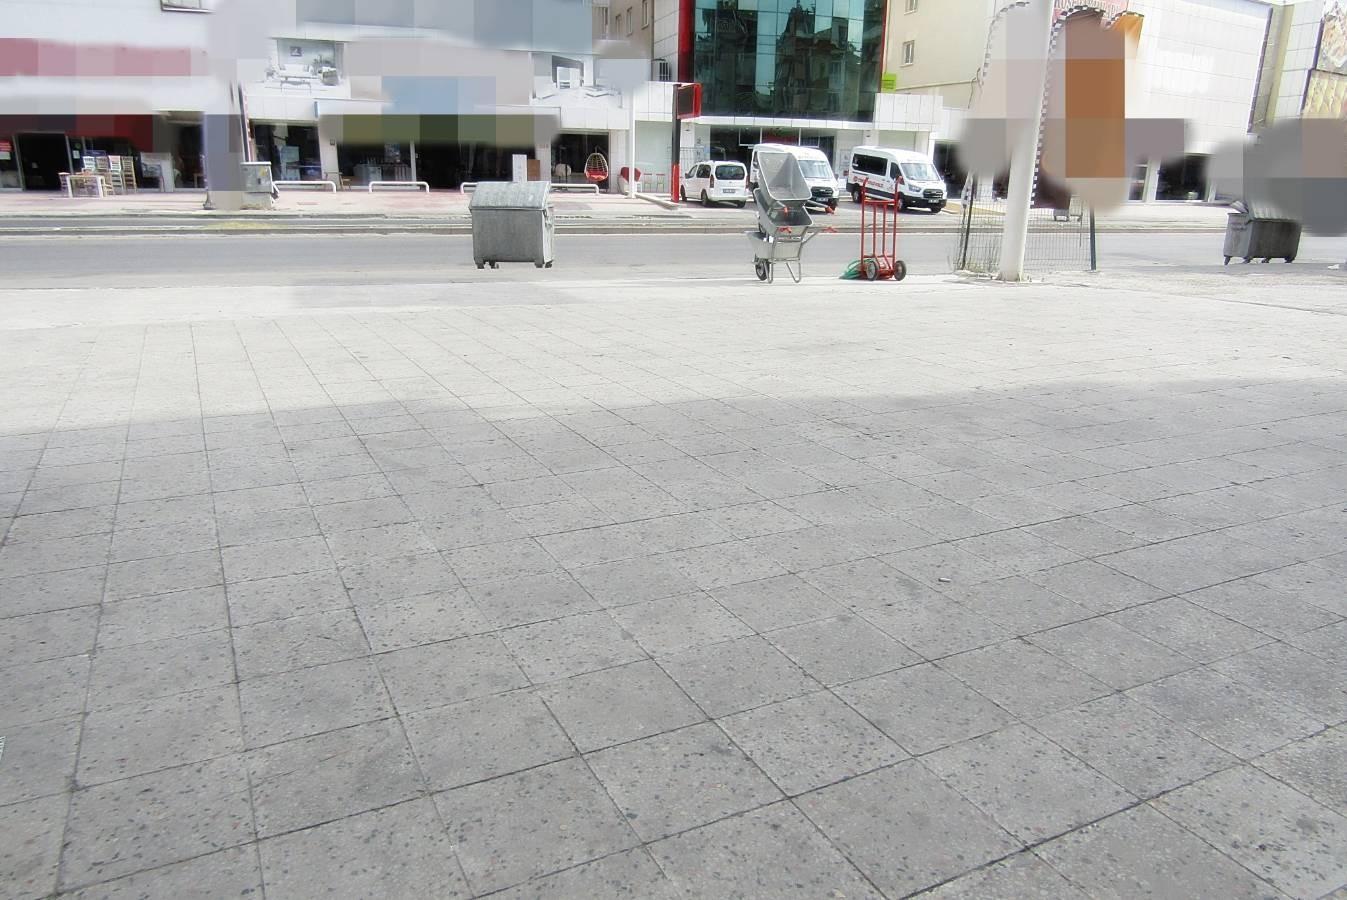 SR EMLAK'TAN PİYADE MAH'DE 650m² CADDE ÜZERİNDE SATILIK DÜKKAN